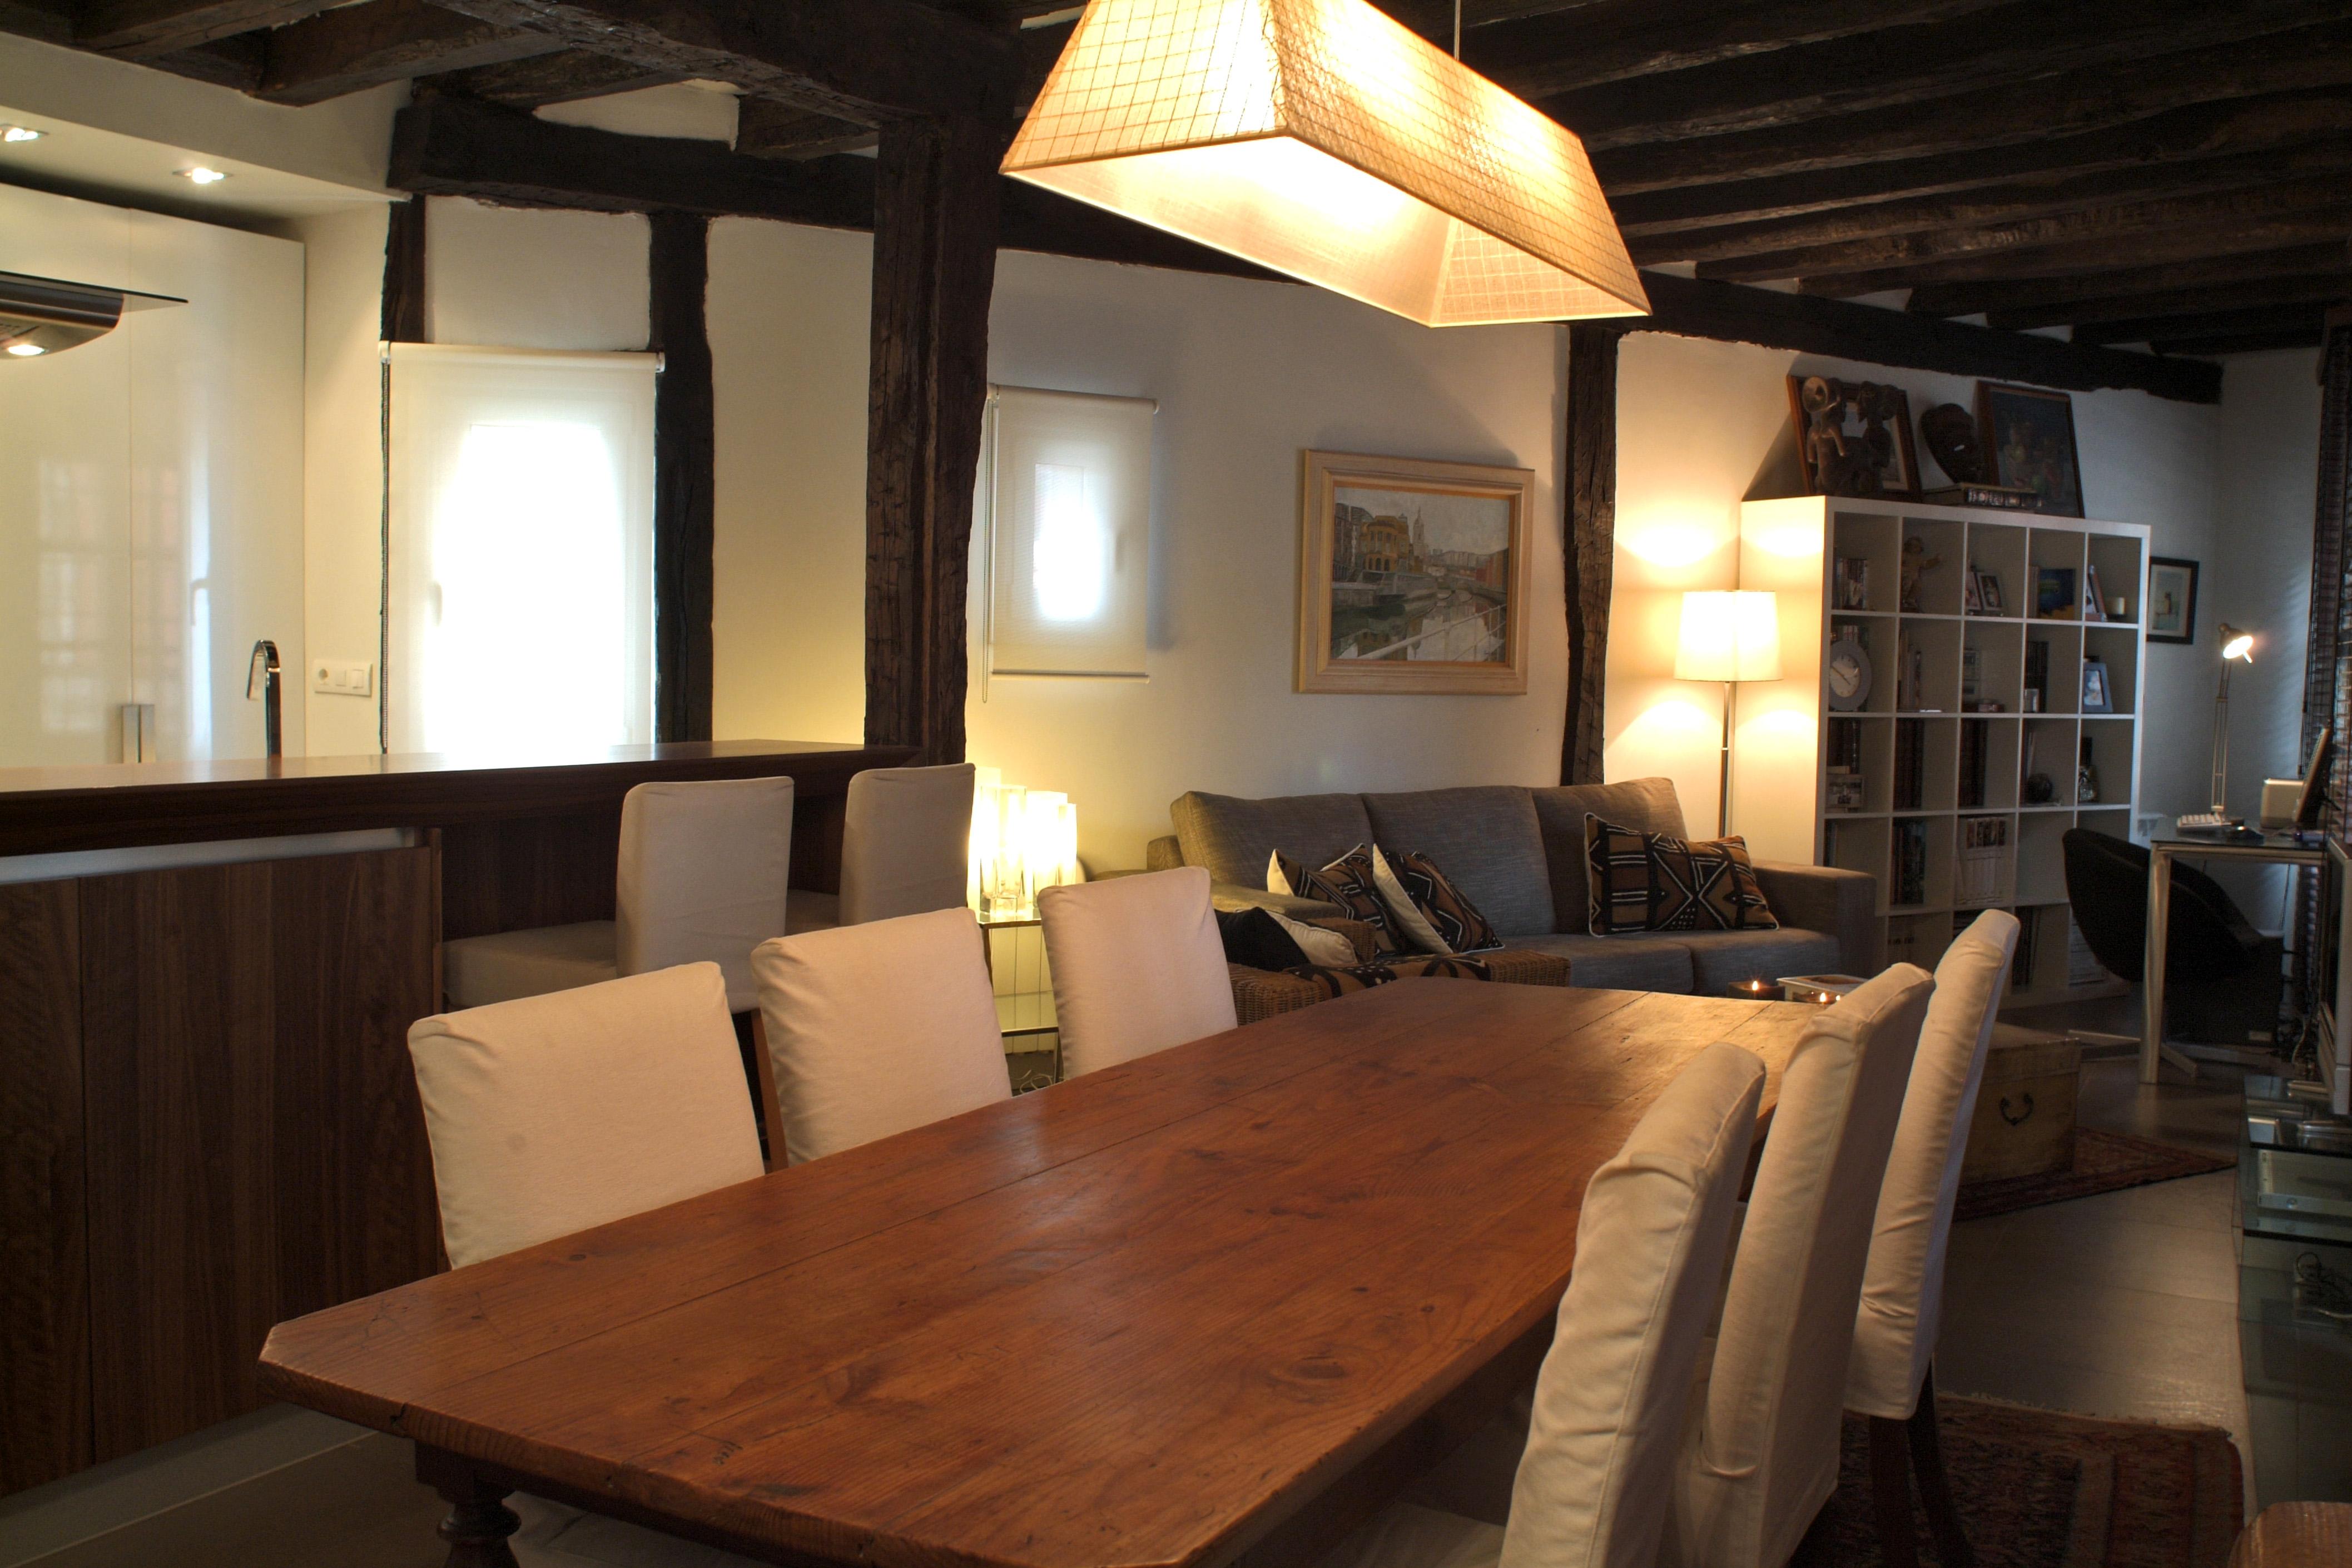 Reforma integral de salon en Bilbao realizado por Tribeca